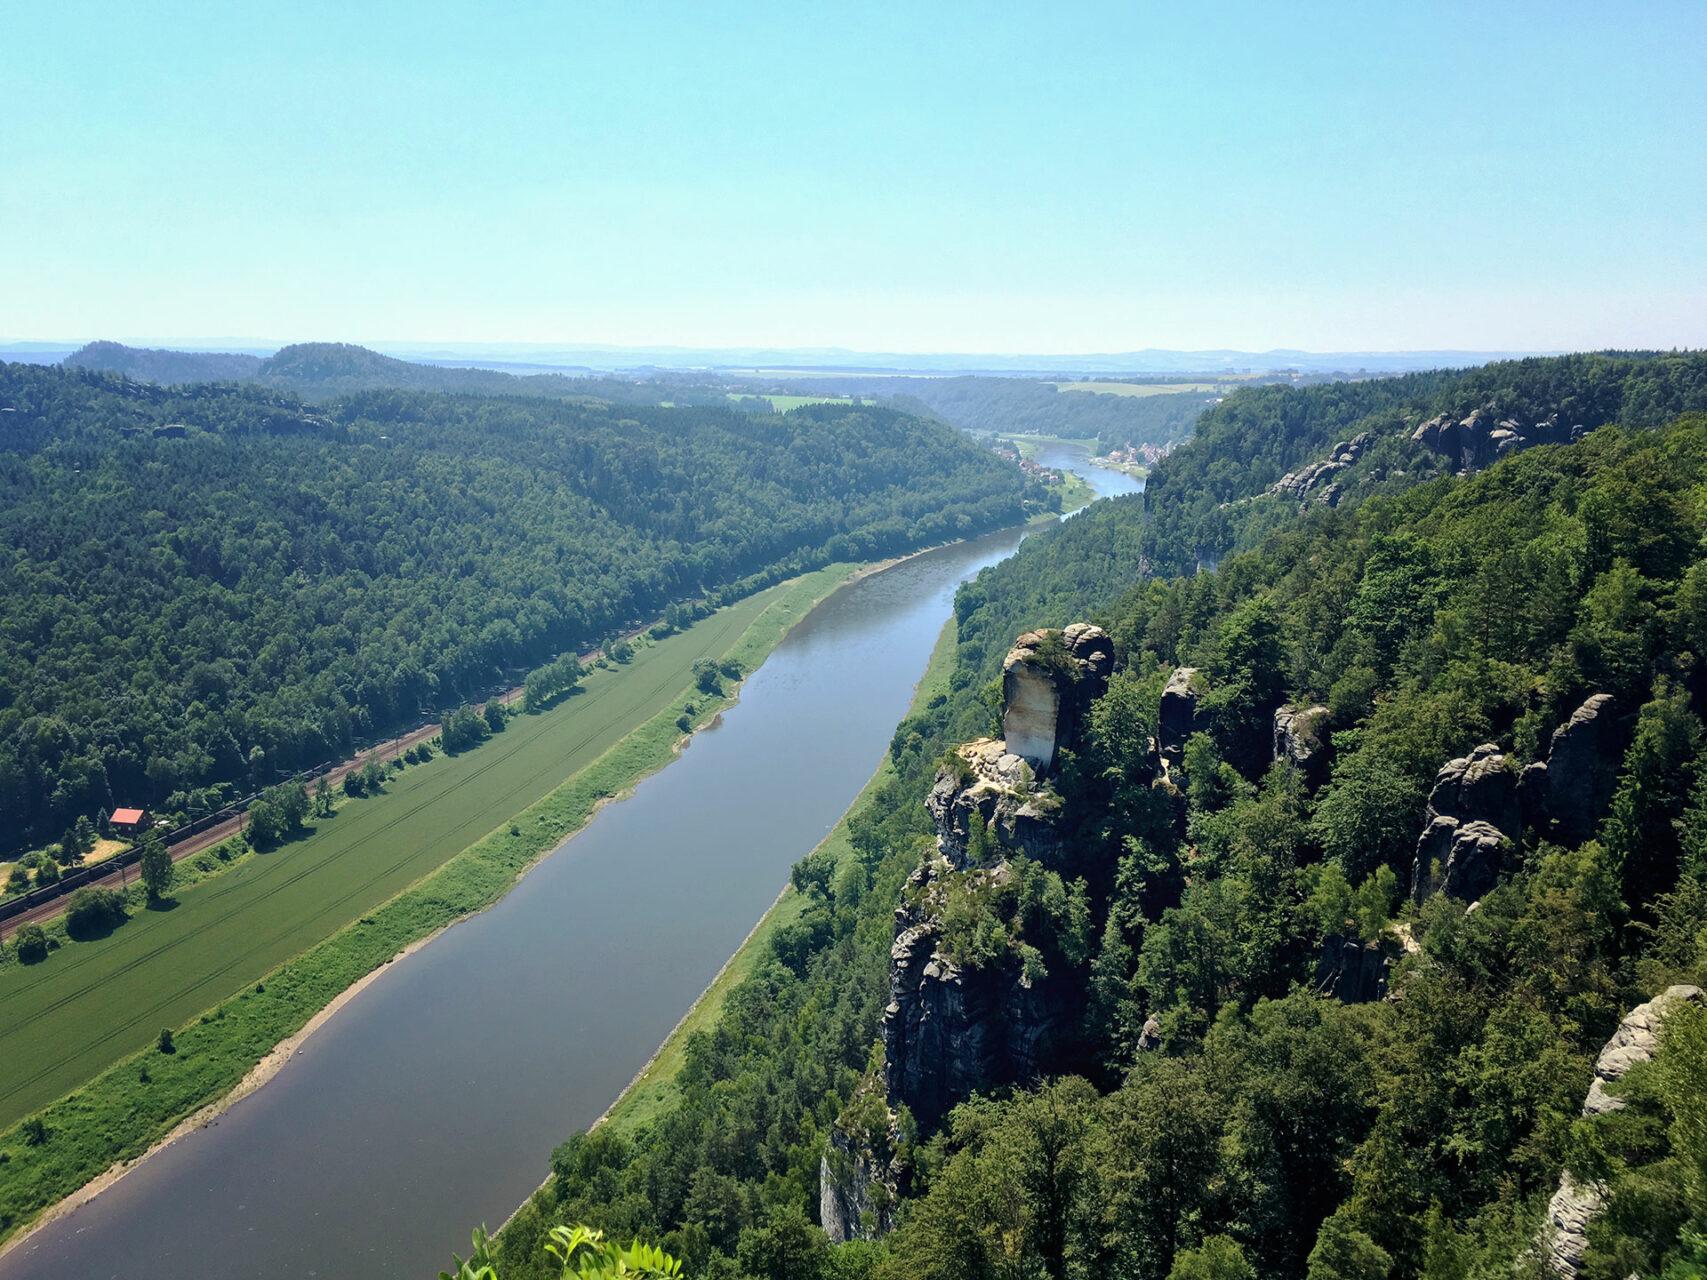 Die Elbe schimmert dunkelblau bei Temperaturen jenseits der 30 Grad. Hochsommerliches Wandern im Elbsandsteingebirge